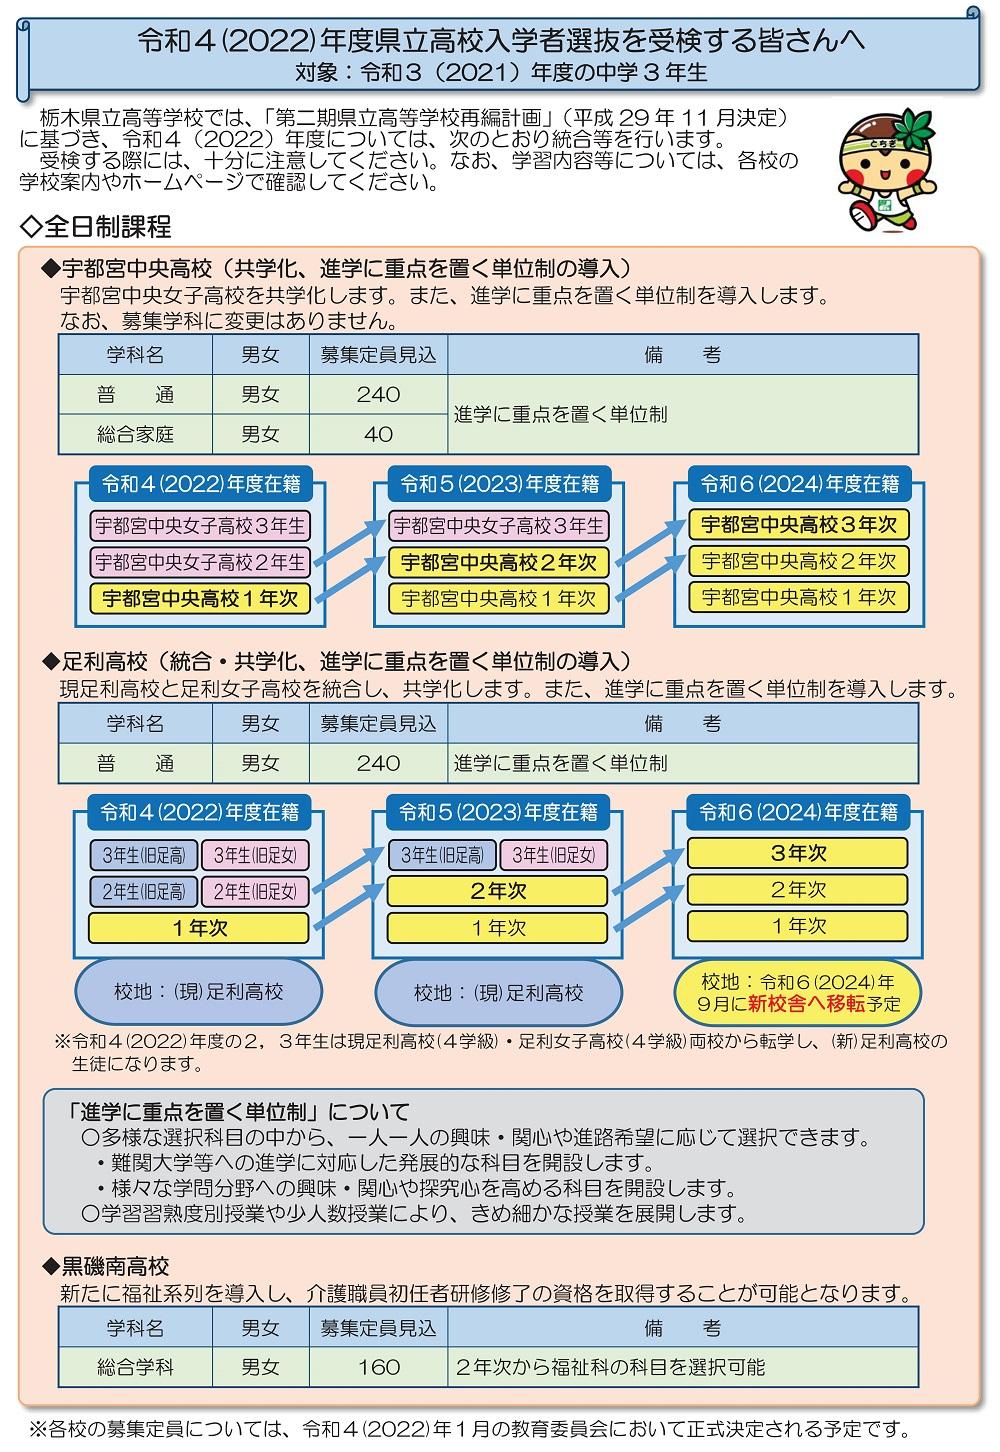 【県立】県立高校入試を受検する皆さんへ(再編計画)